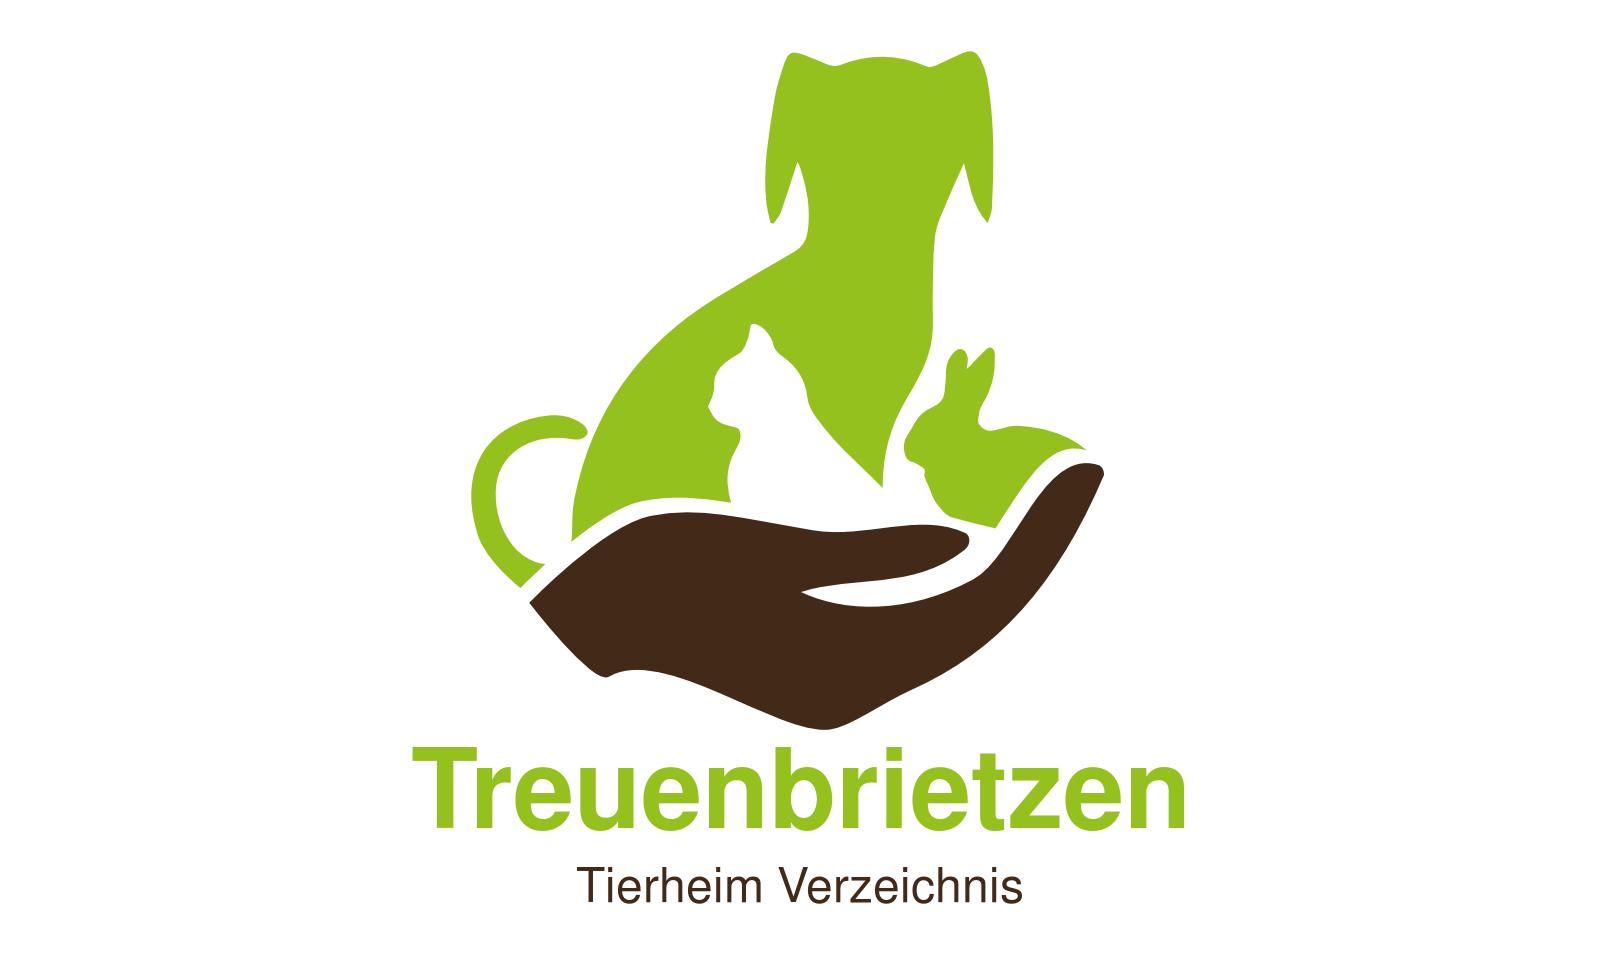 Tierheim Treuenbrietzen